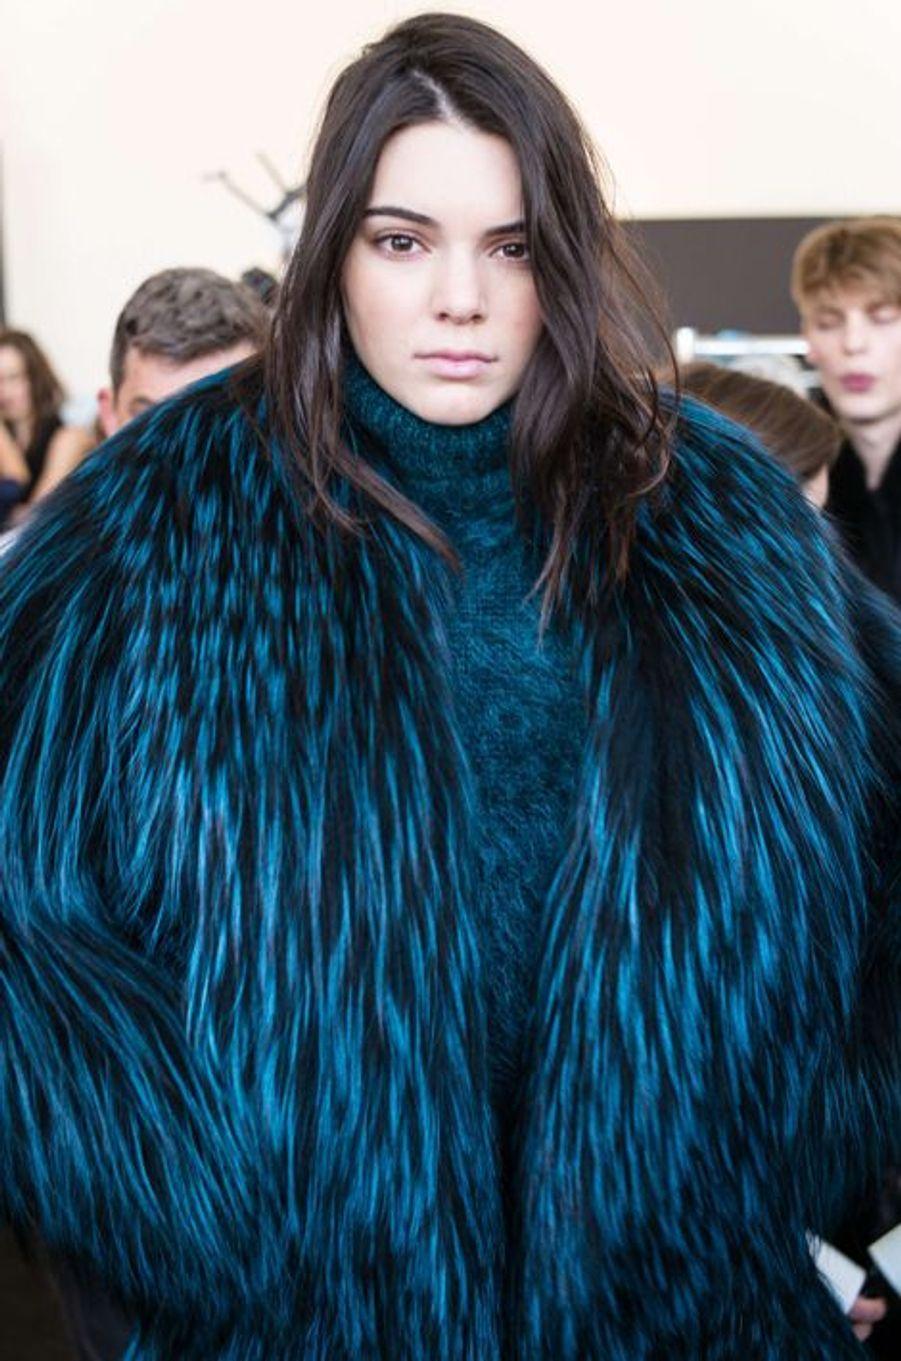 La fille de Bruce et Kris Jenner a signé des débuts prometteurs lors de la Fashion Week de New York, en 2014. Après avoir défilé pour Marc Jacobs, Balenciaga et Diane Von Furstenberg, Kendall est également devenue l'une des égéries branchées de la maison Chanel.